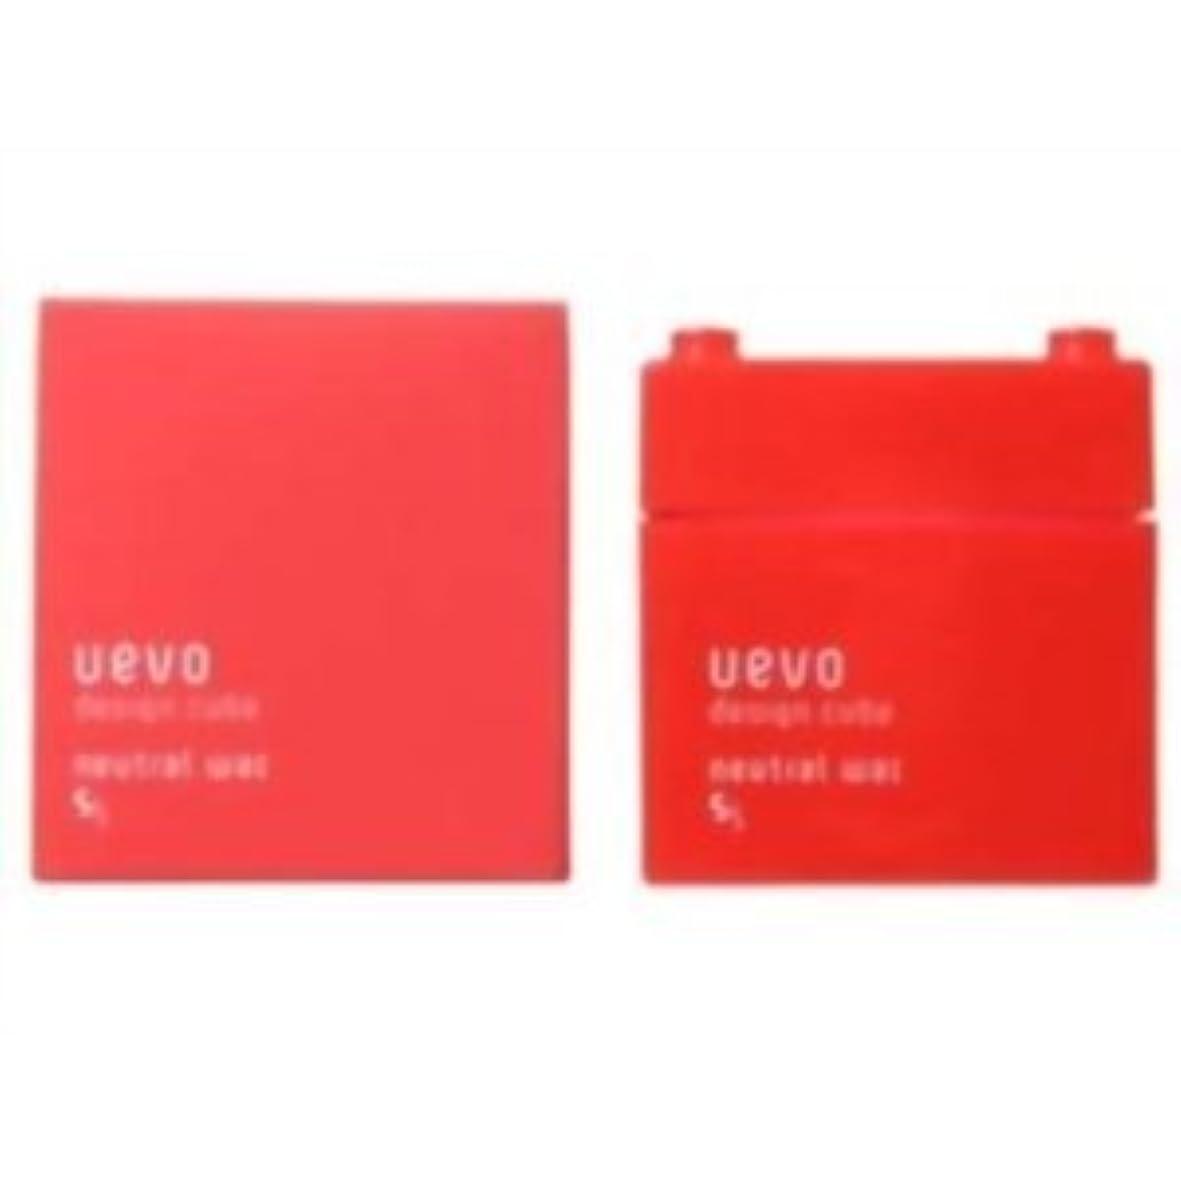 海藻圧倒的栄光の【X2個セット】 デミ ウェーボ デザインキューブ ニュートラルワックス 80g neutral wax DEMI uevo design cube